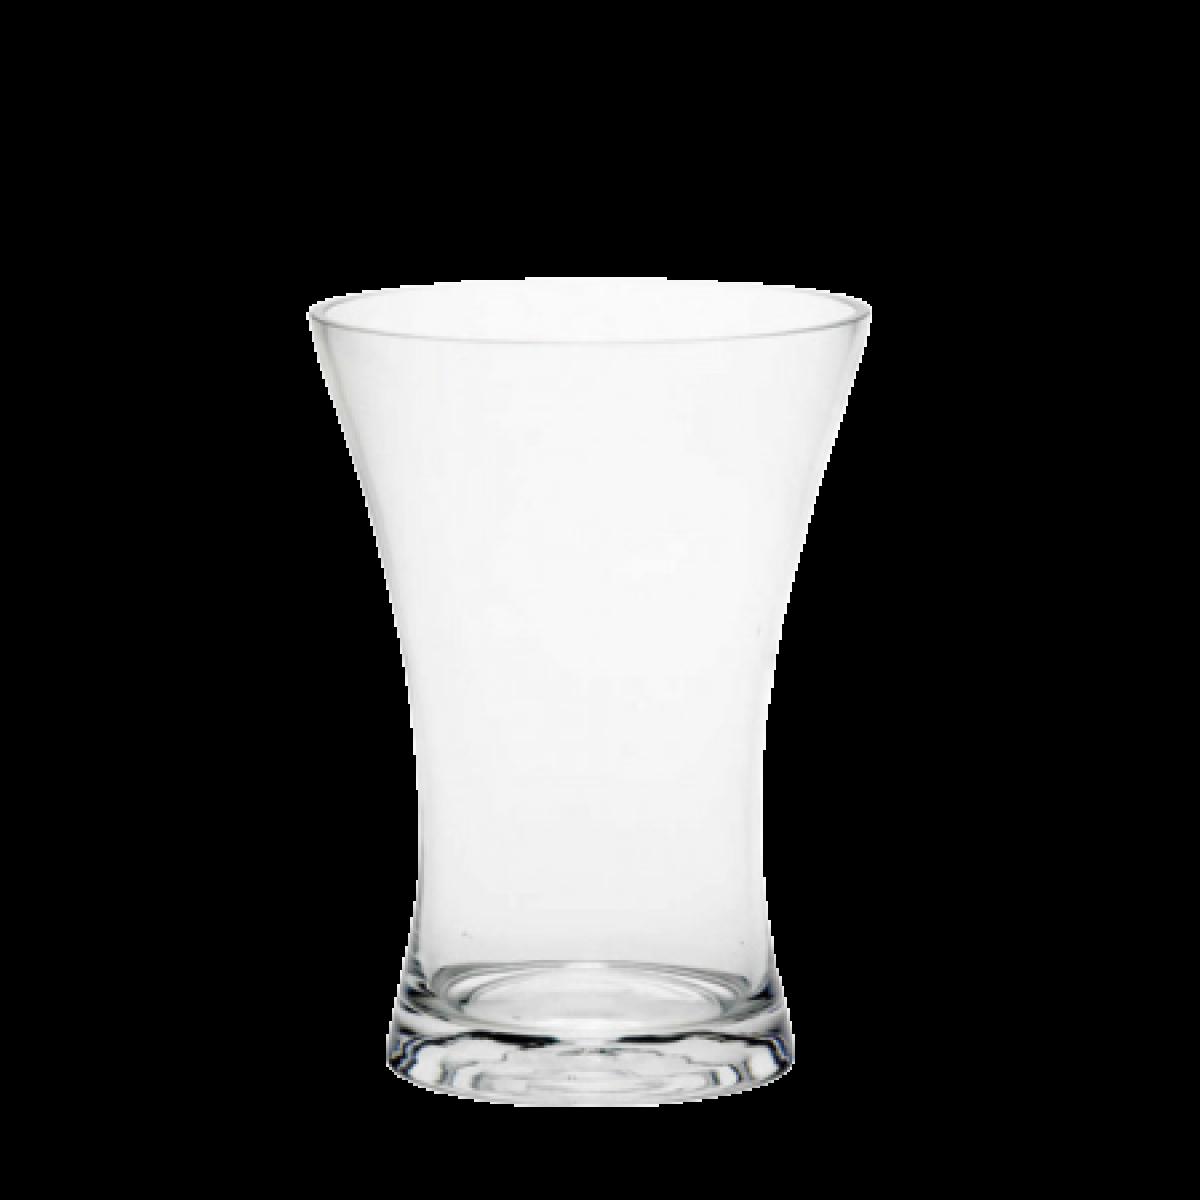 Hantied Clear 14x20cm Acrylic Vase - 1 No